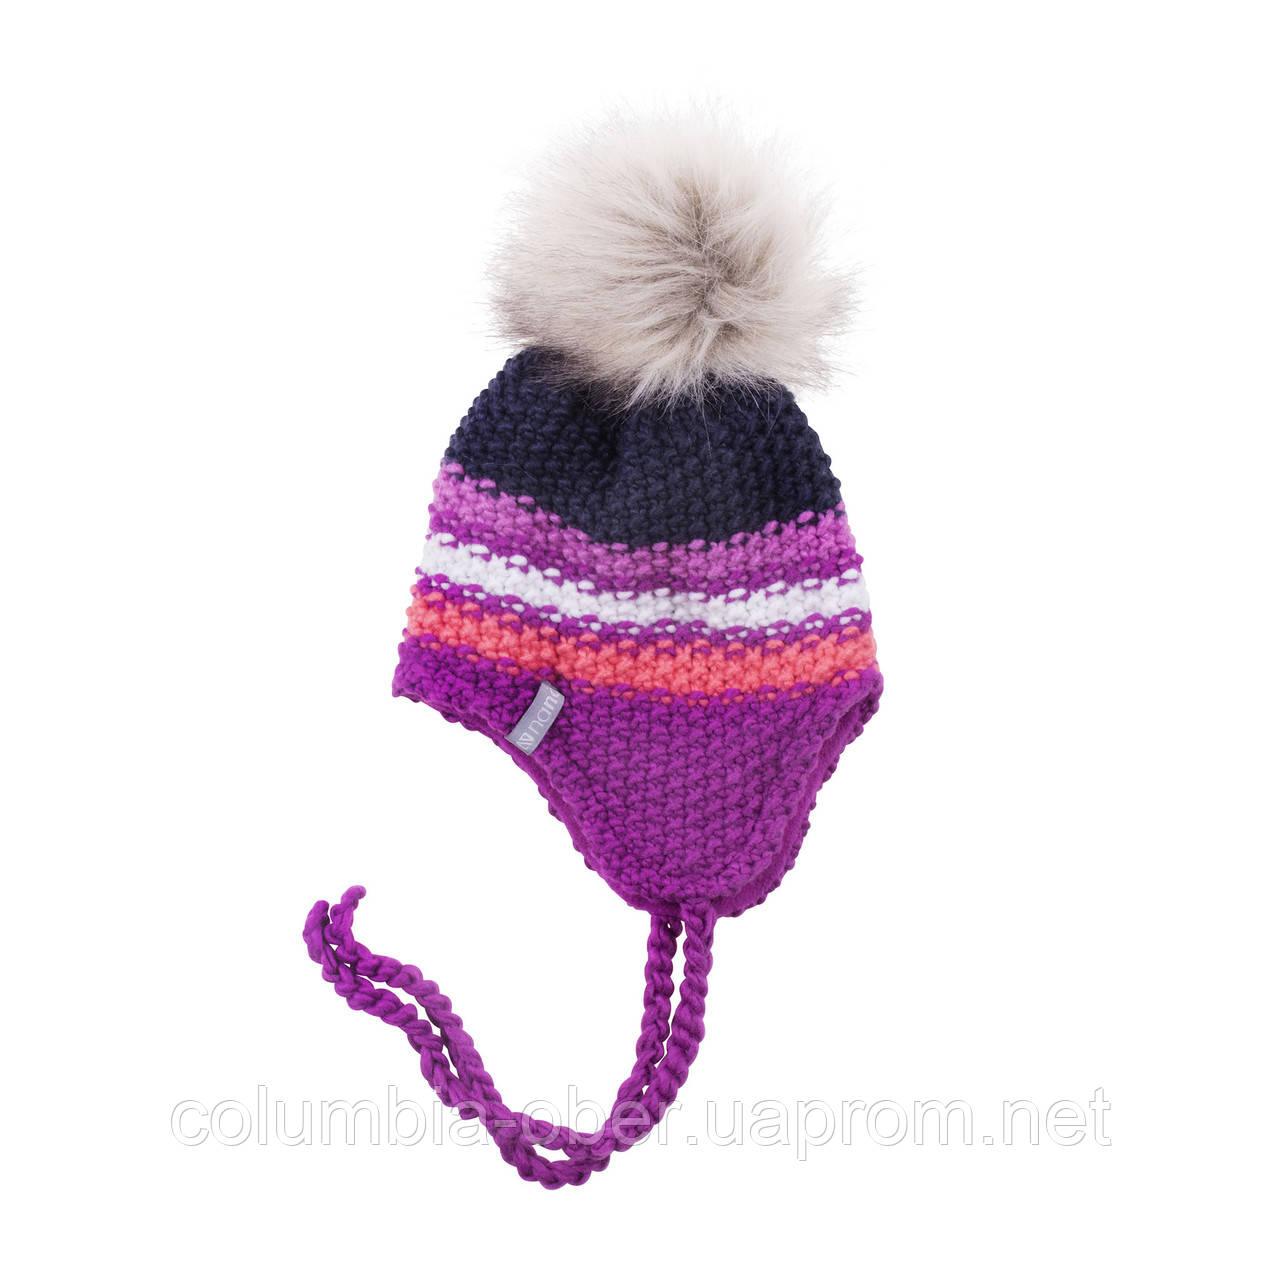 Зимняя детская шапка для девочки Nano F18 TU 254 Dust Steel. Размеры 2/4 и 5/6X.